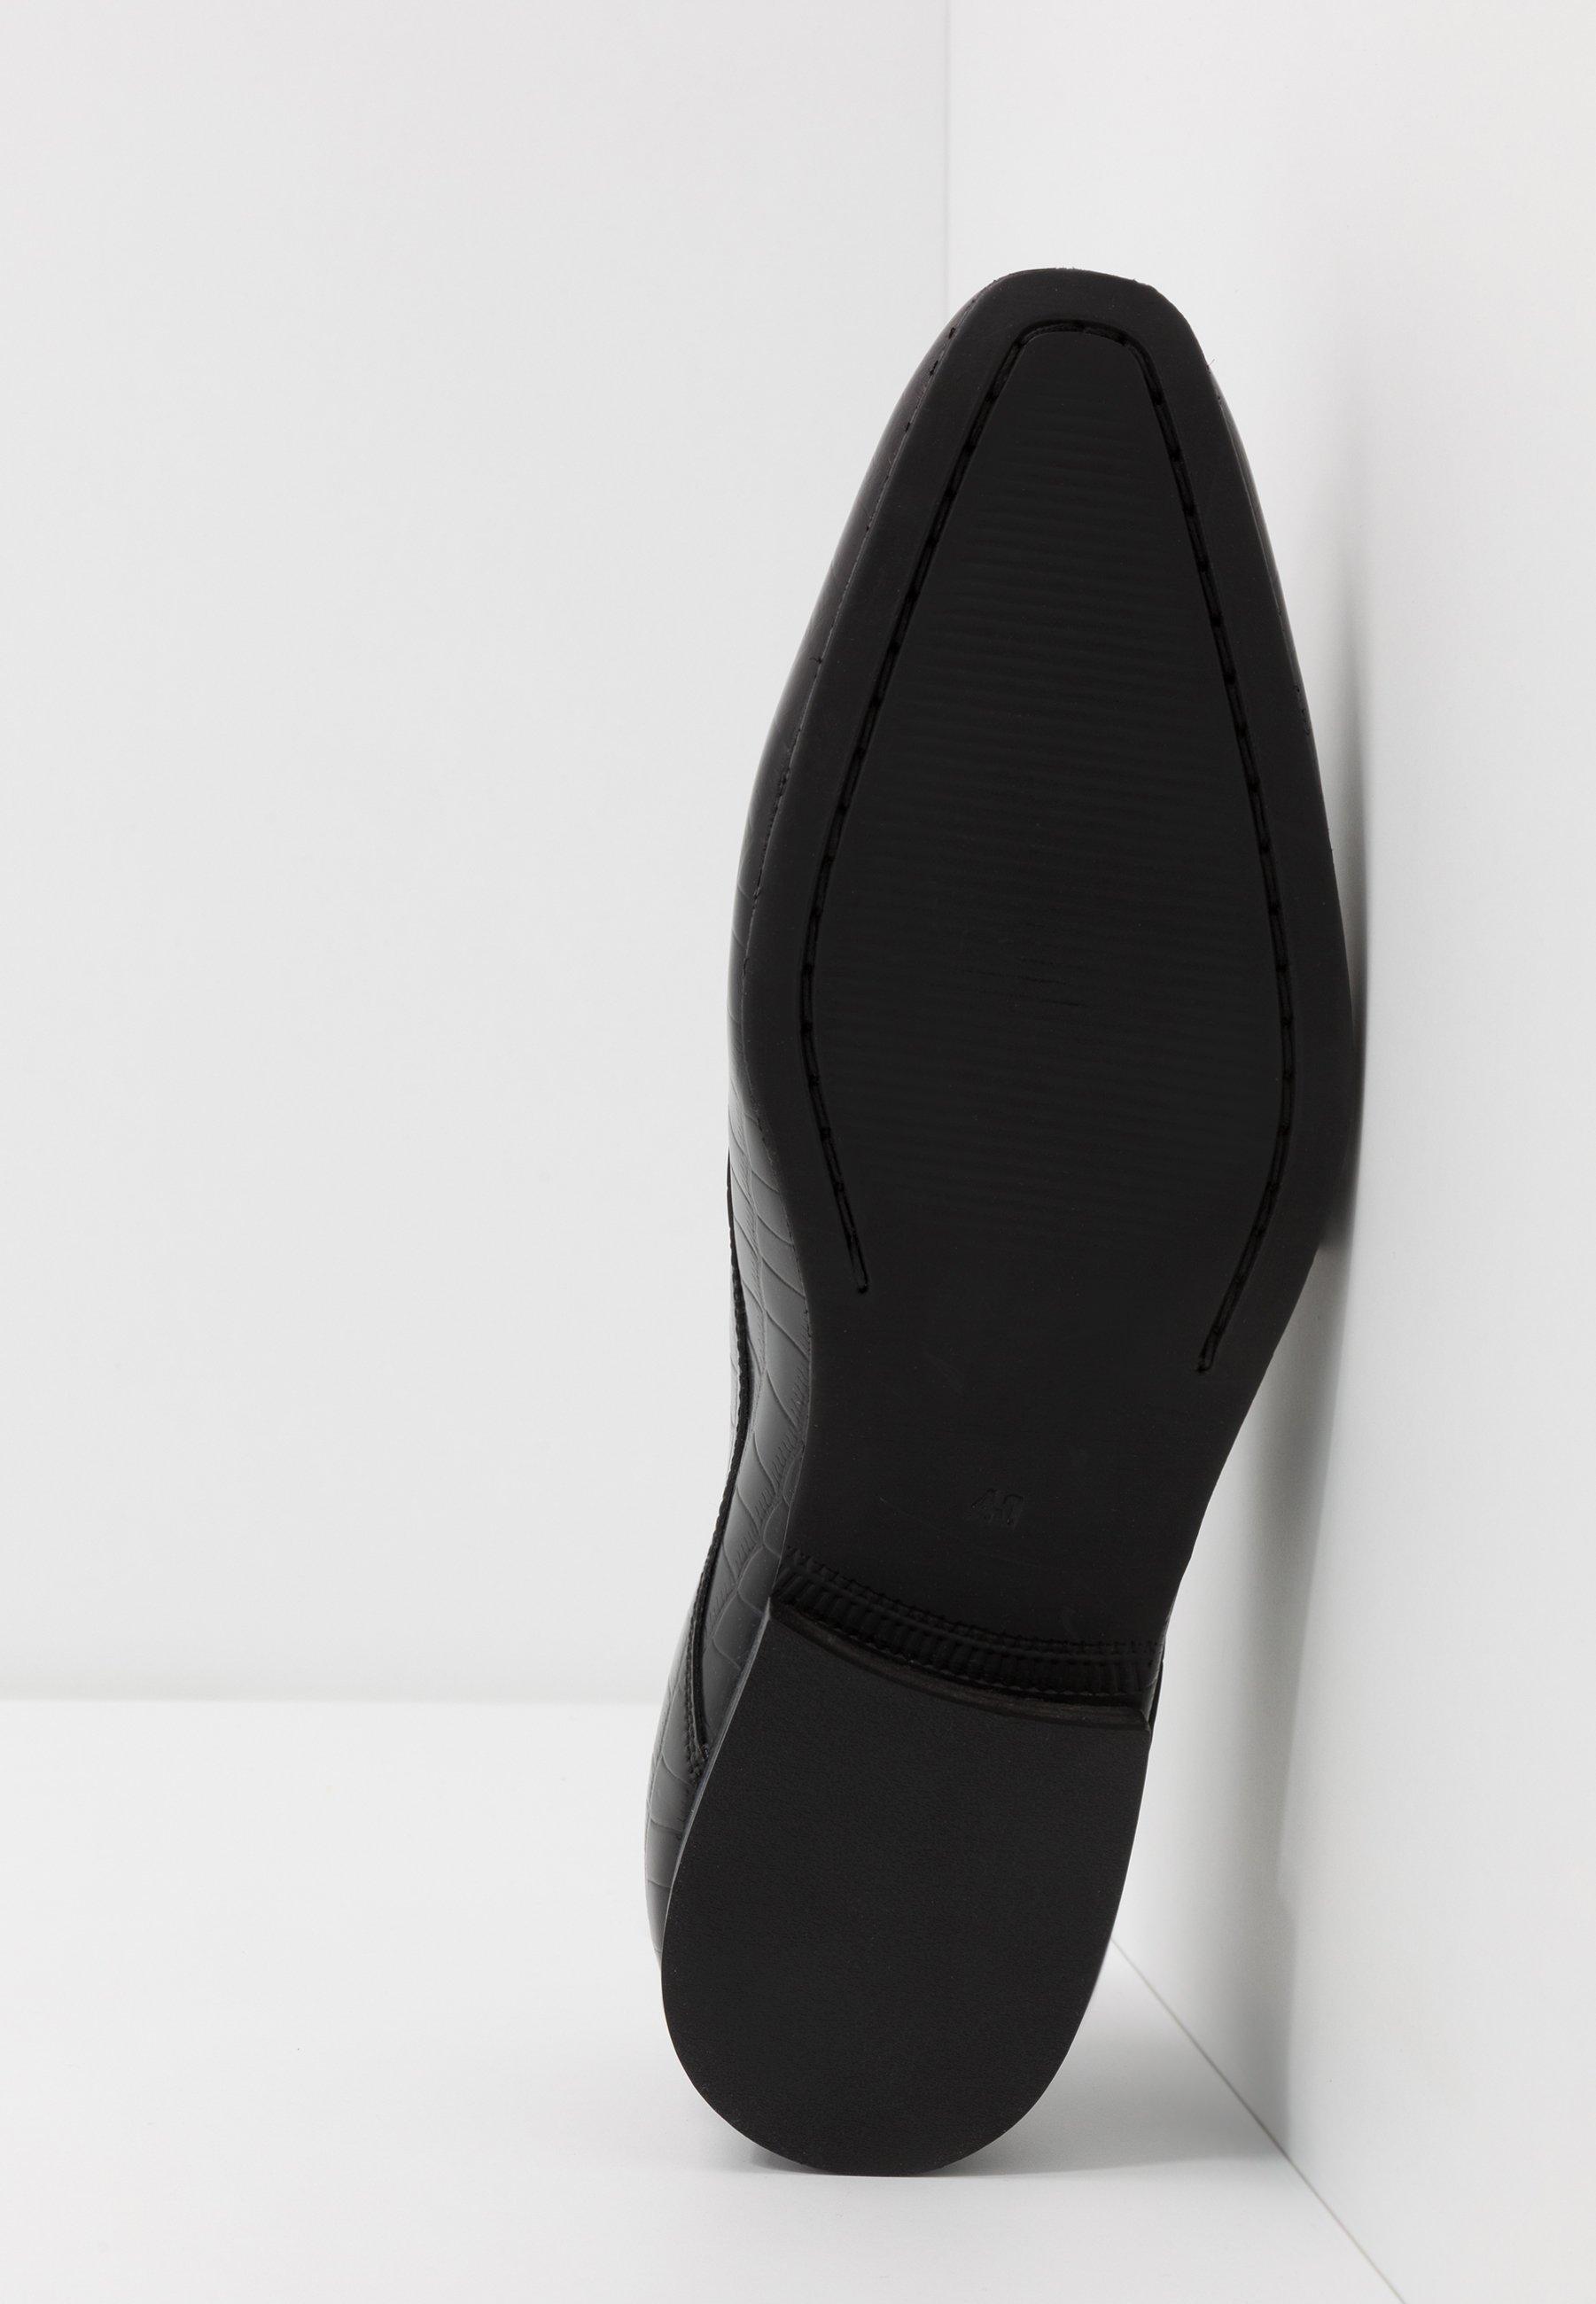 Zign Scarpe senza lacci - black